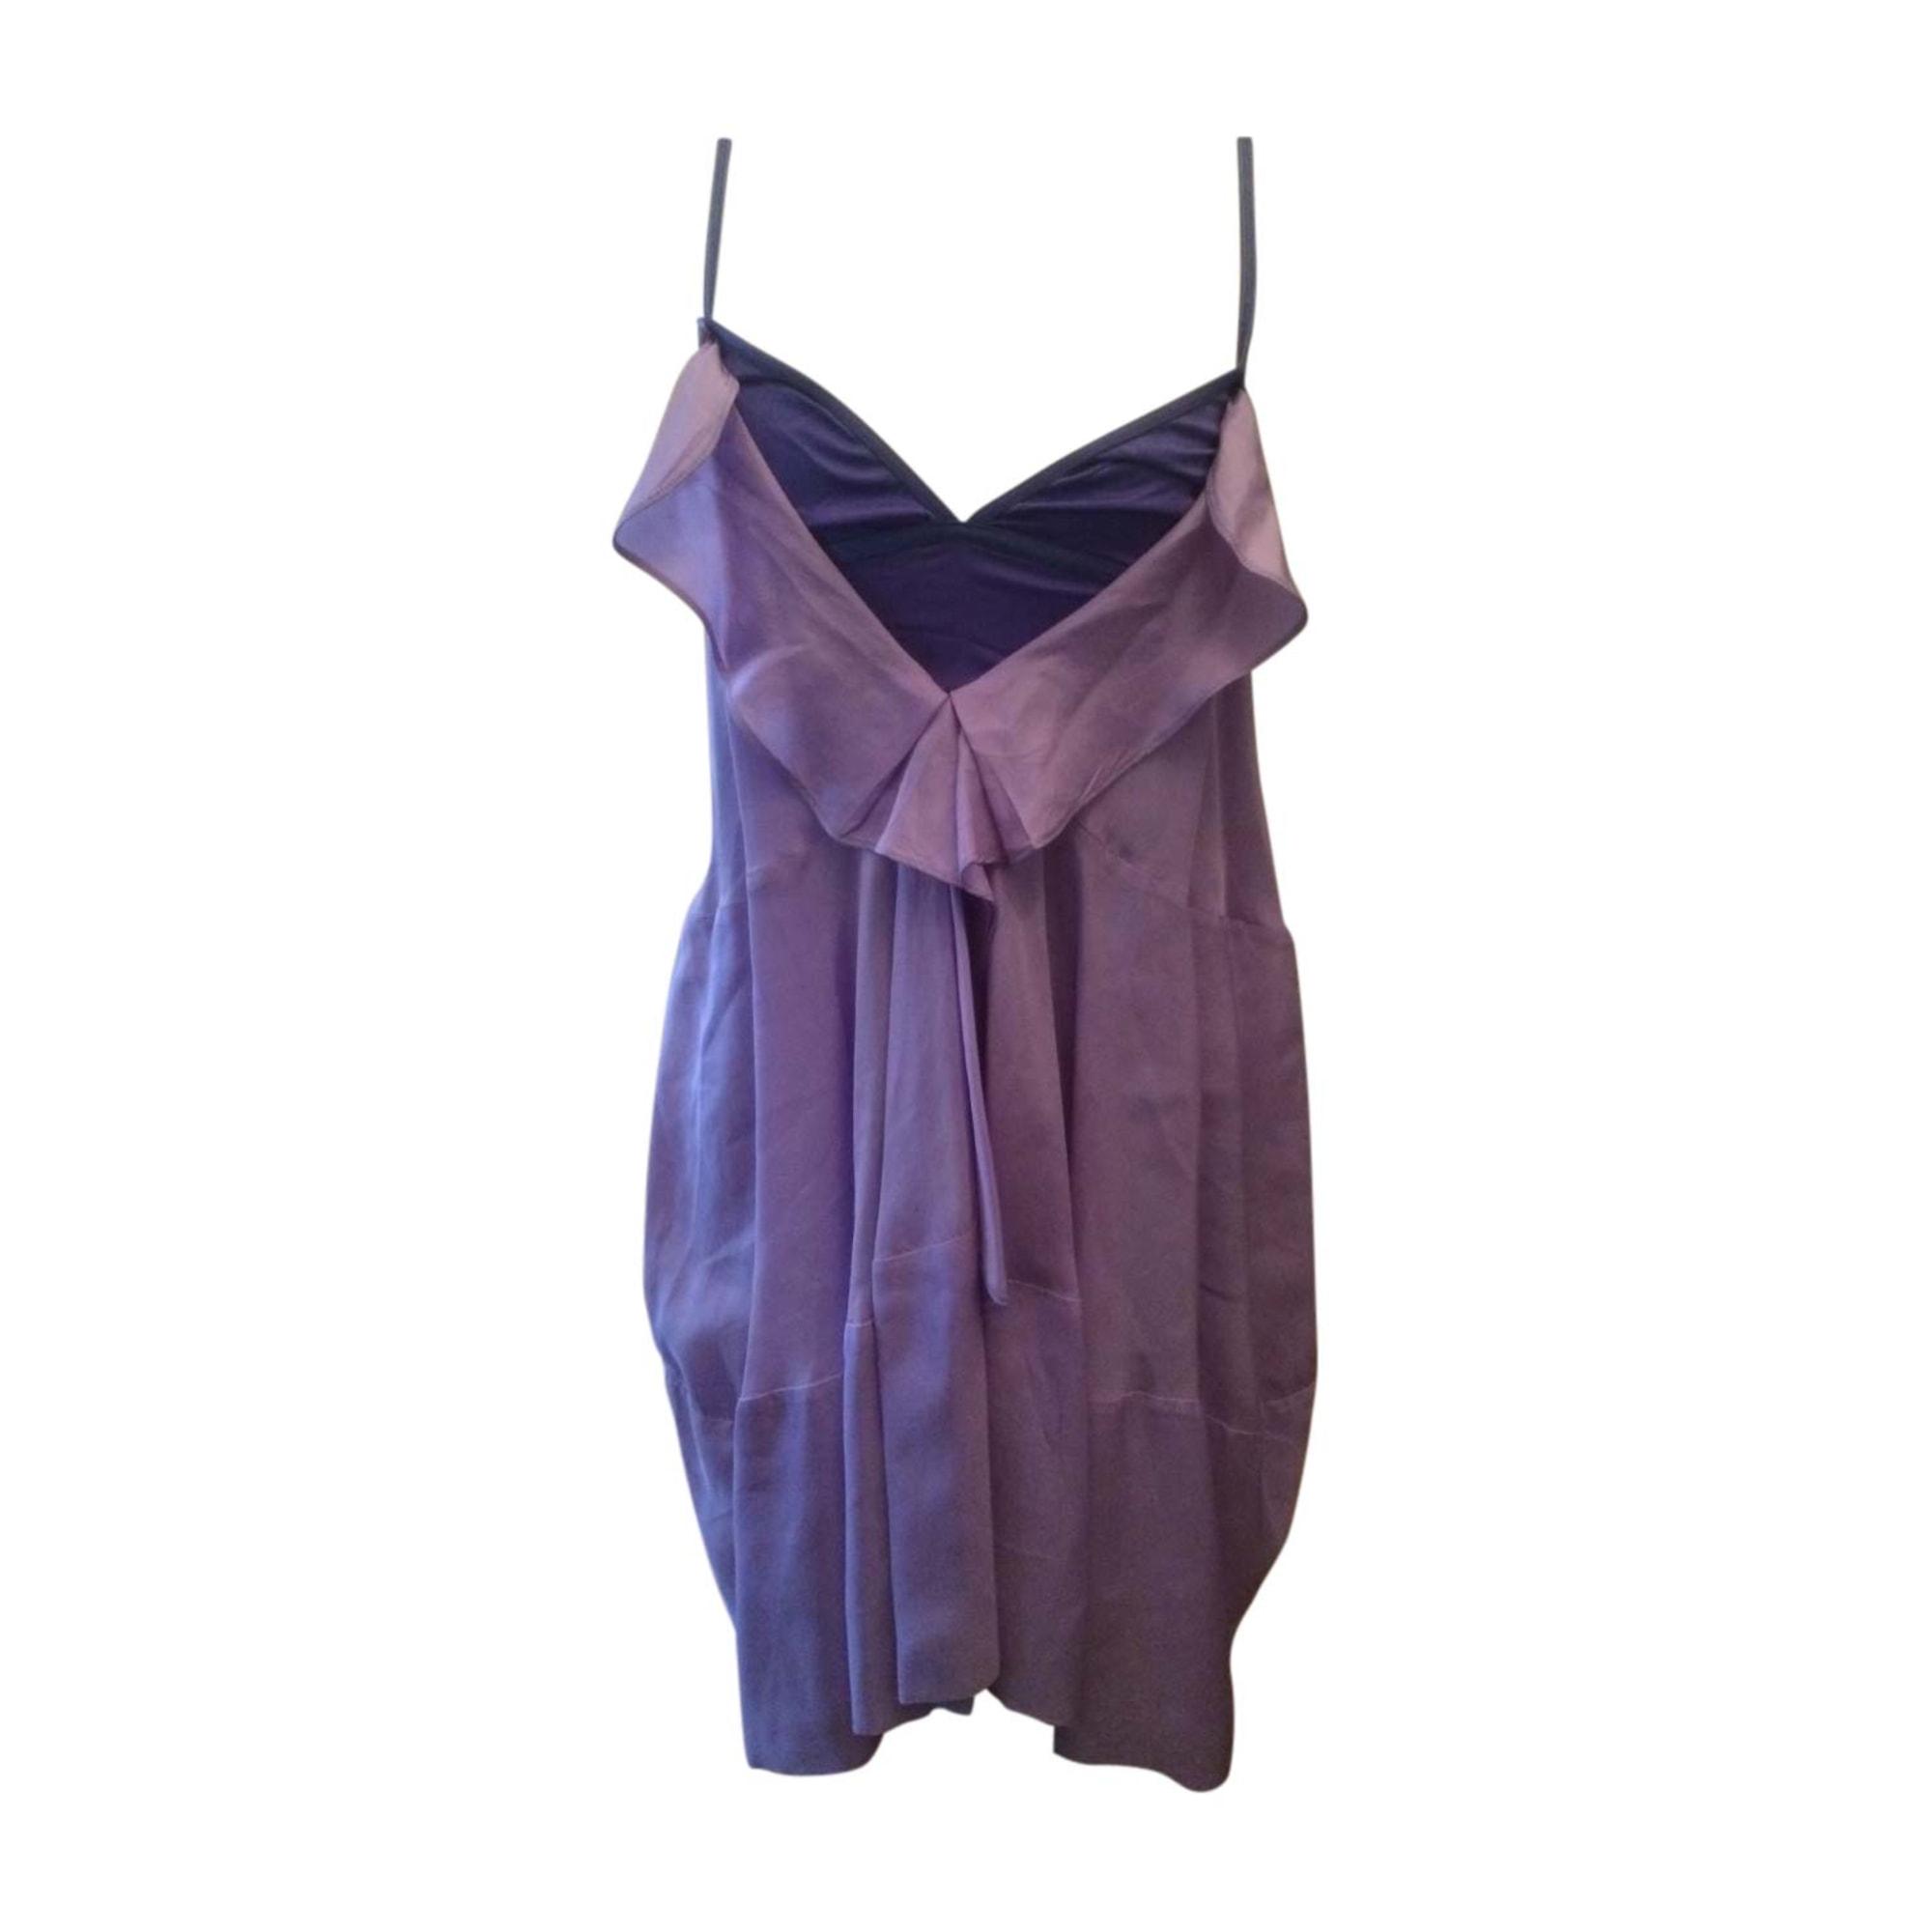 Robe mi-longue VANESSA BRUNO Violet, mauve, lavande